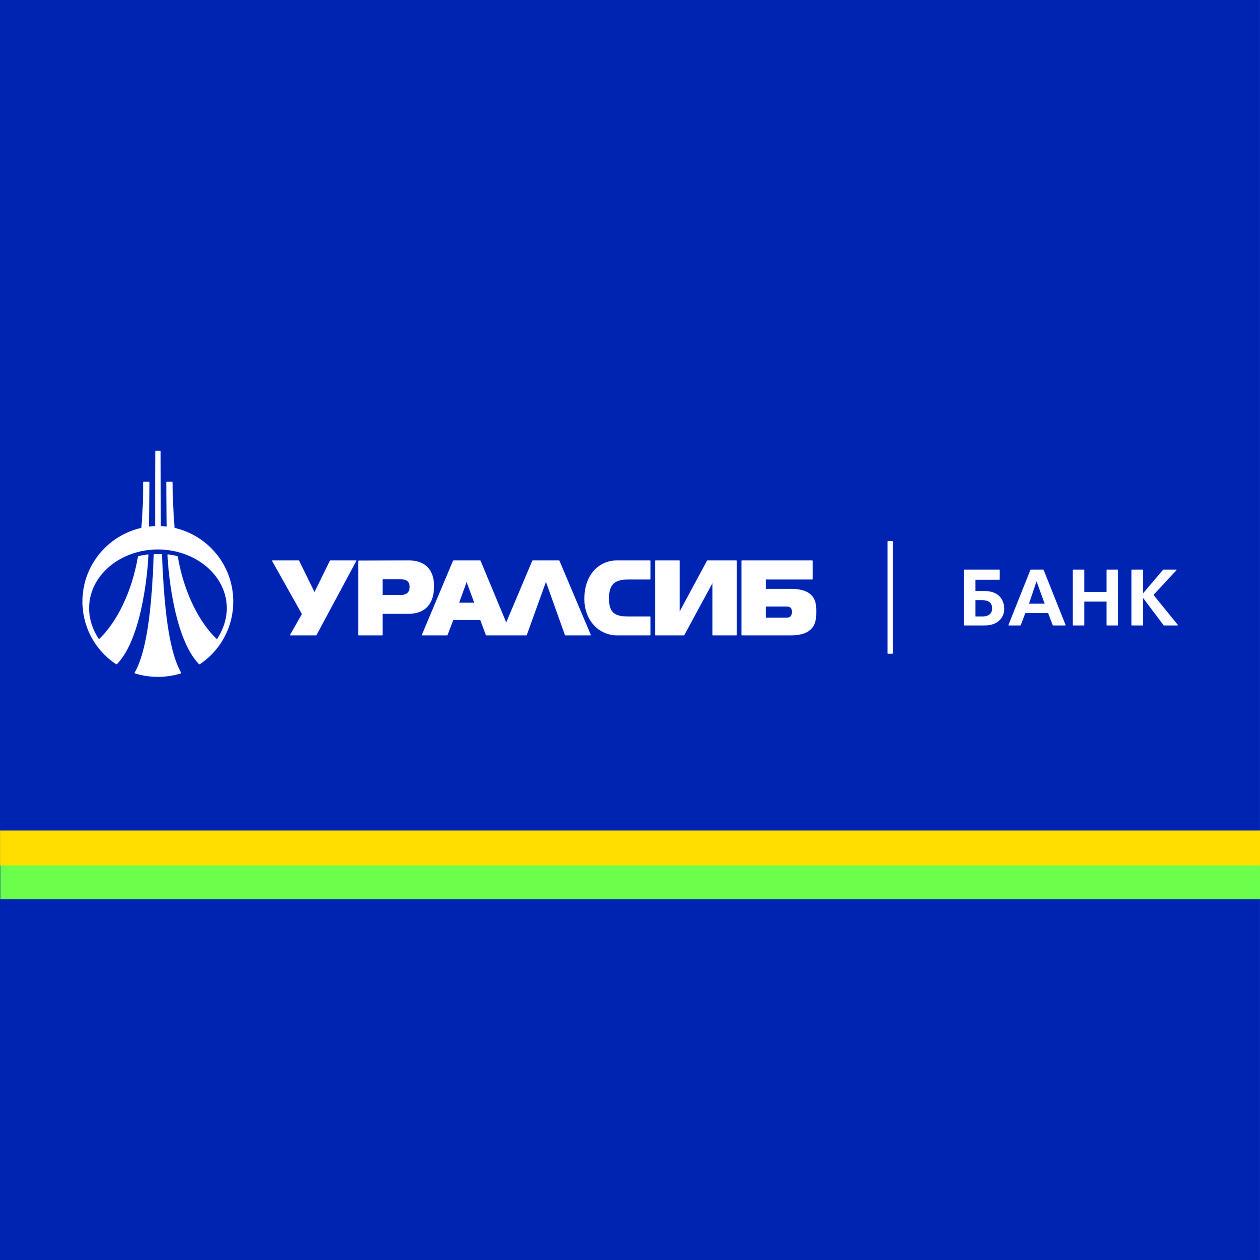 Банк УРАЛСИБ предлагает новую дебетовую карту «Прибыль»